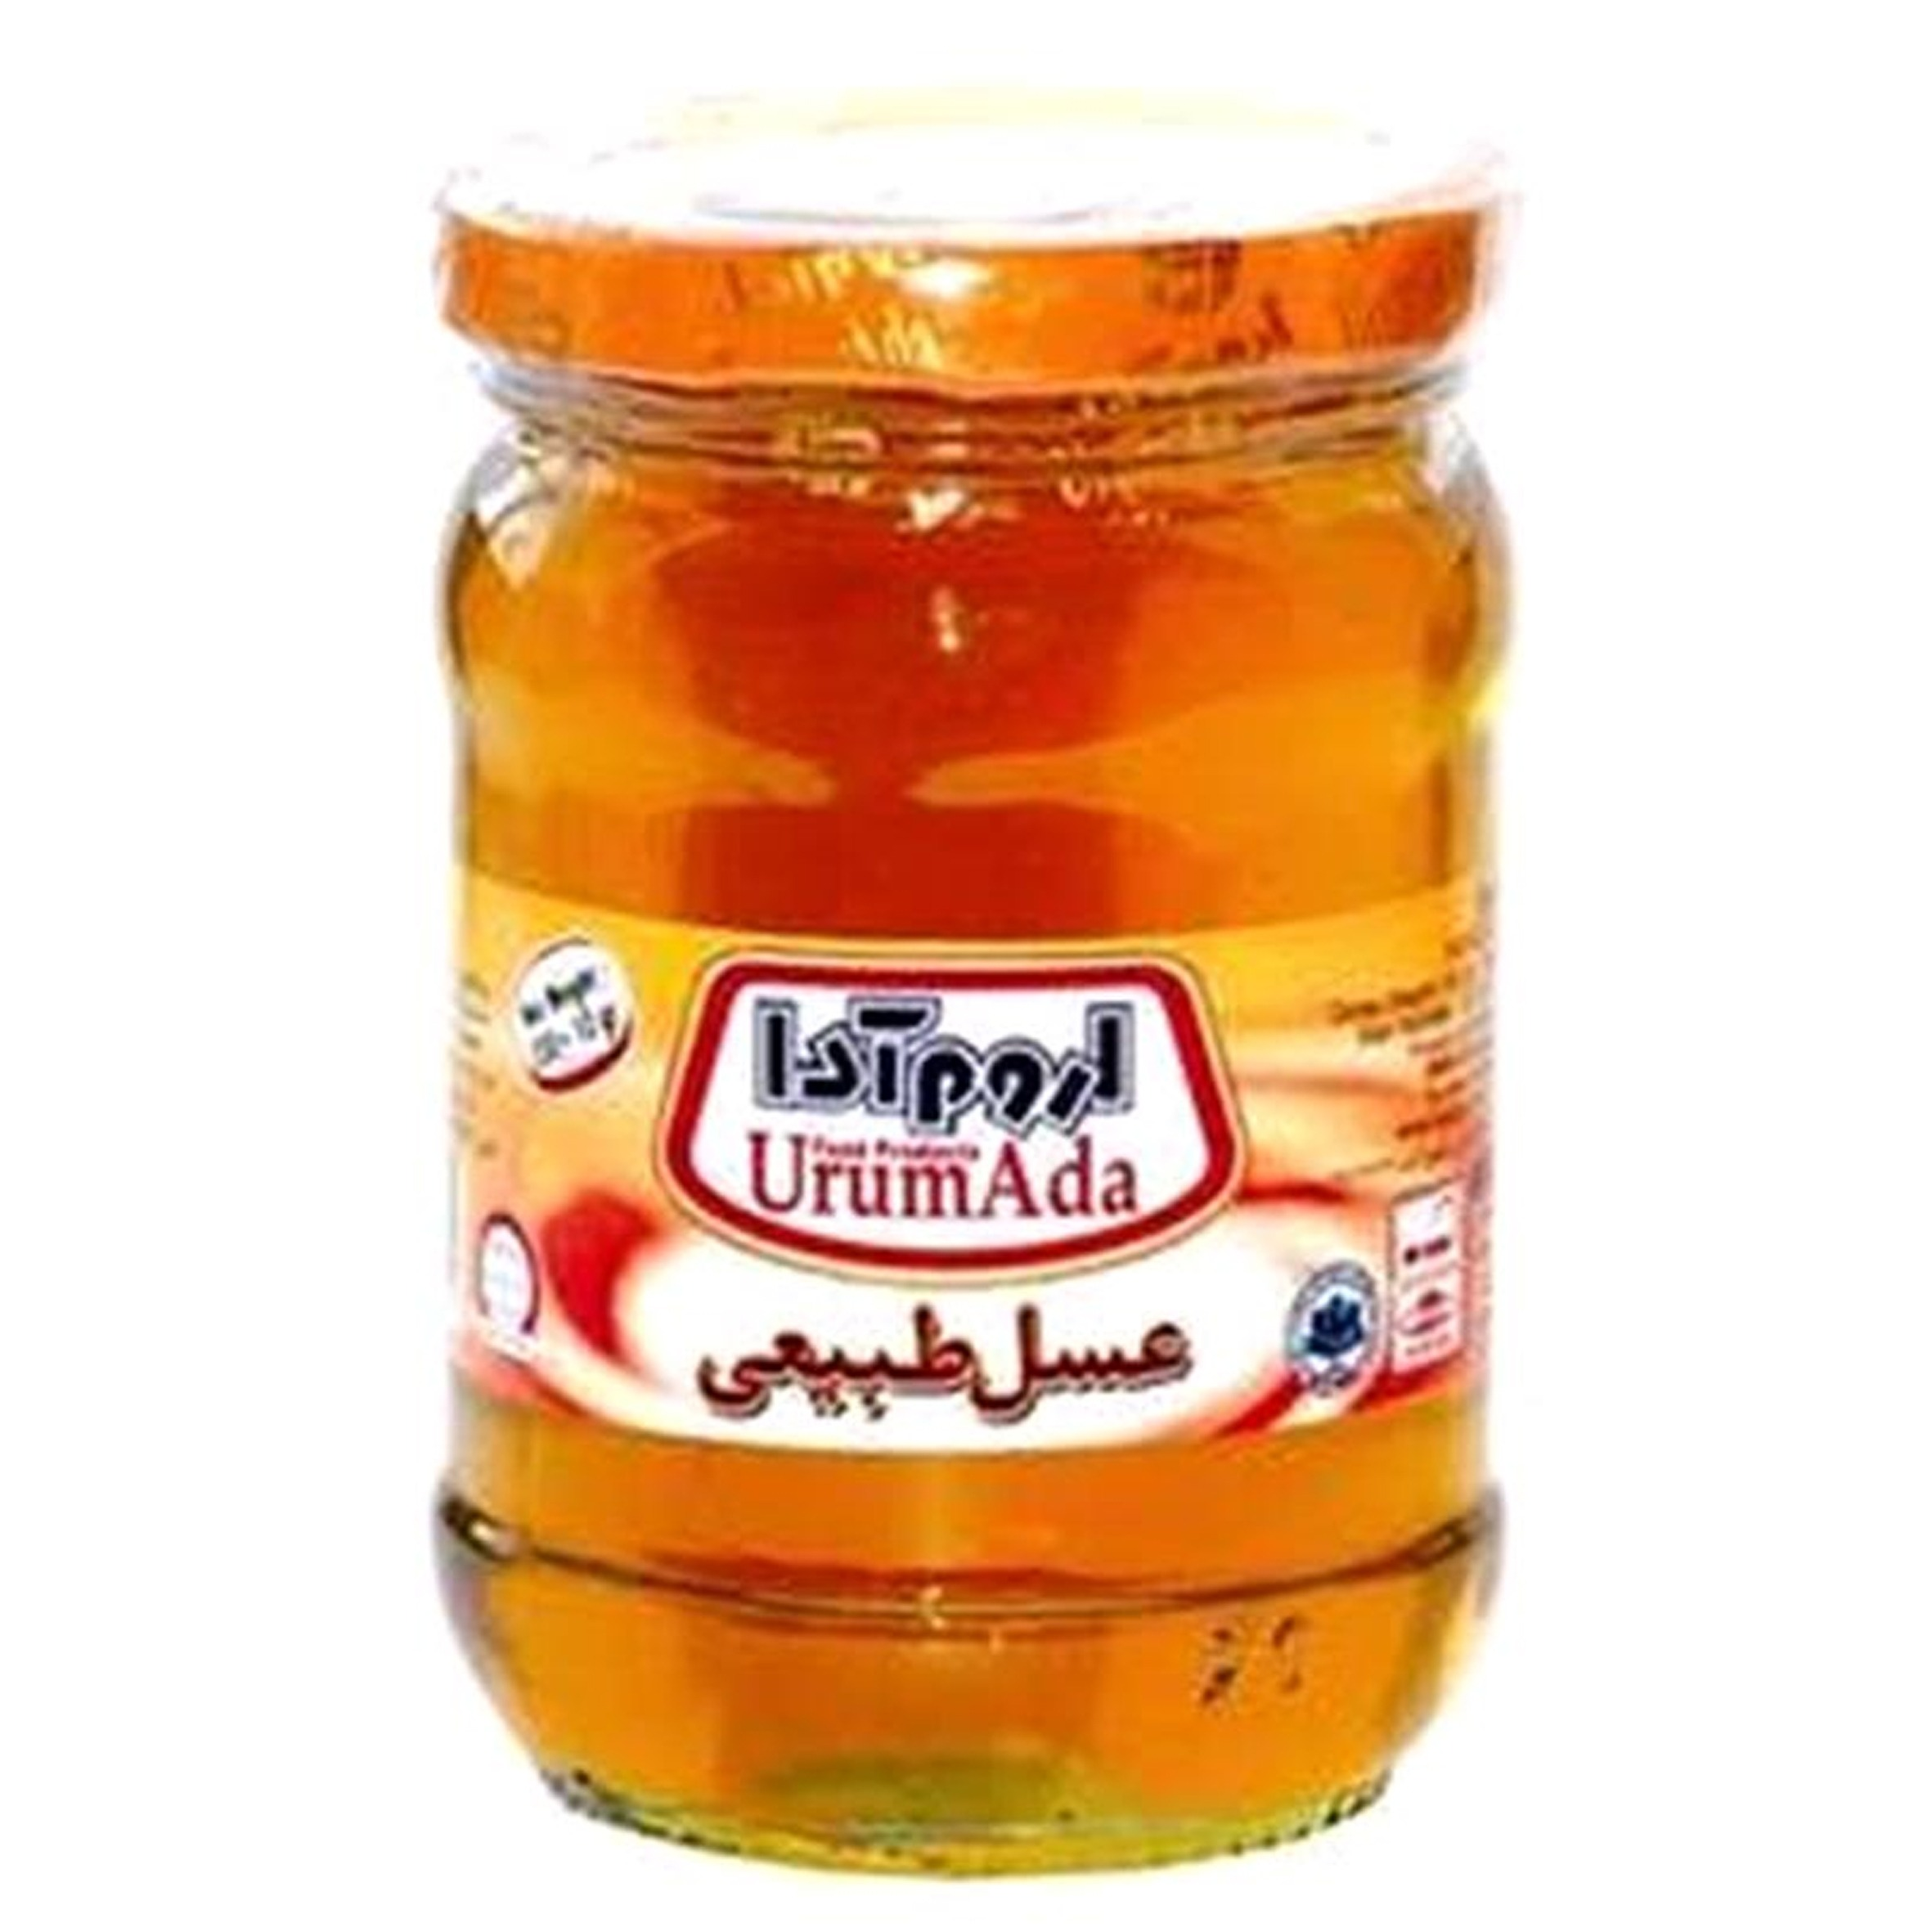 عسل طبیعی ۳۳۰ گرمی اروم آدا